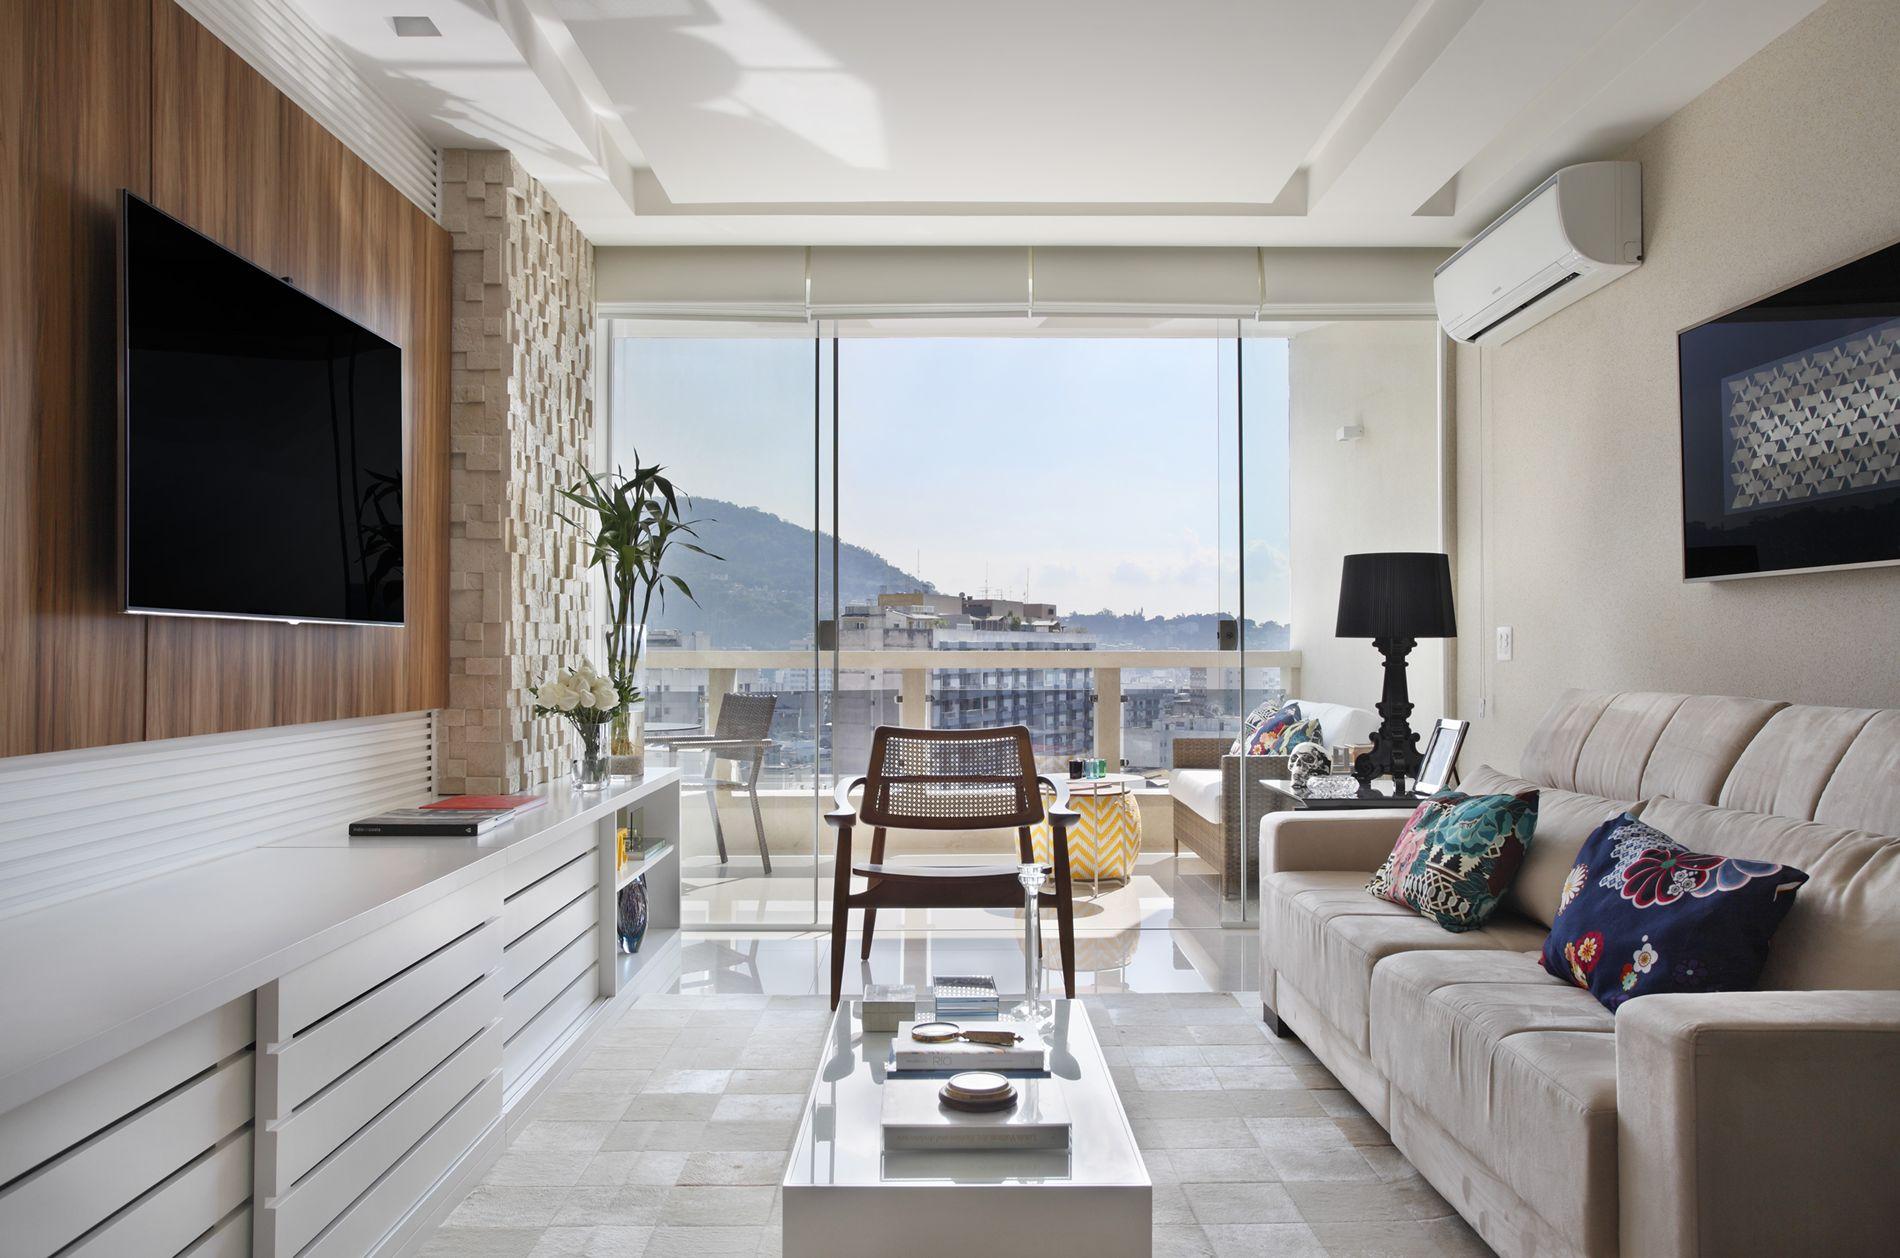 projeto de arquitetura de interiores sala tv apartamento rj.jpg #634939 1900 1258